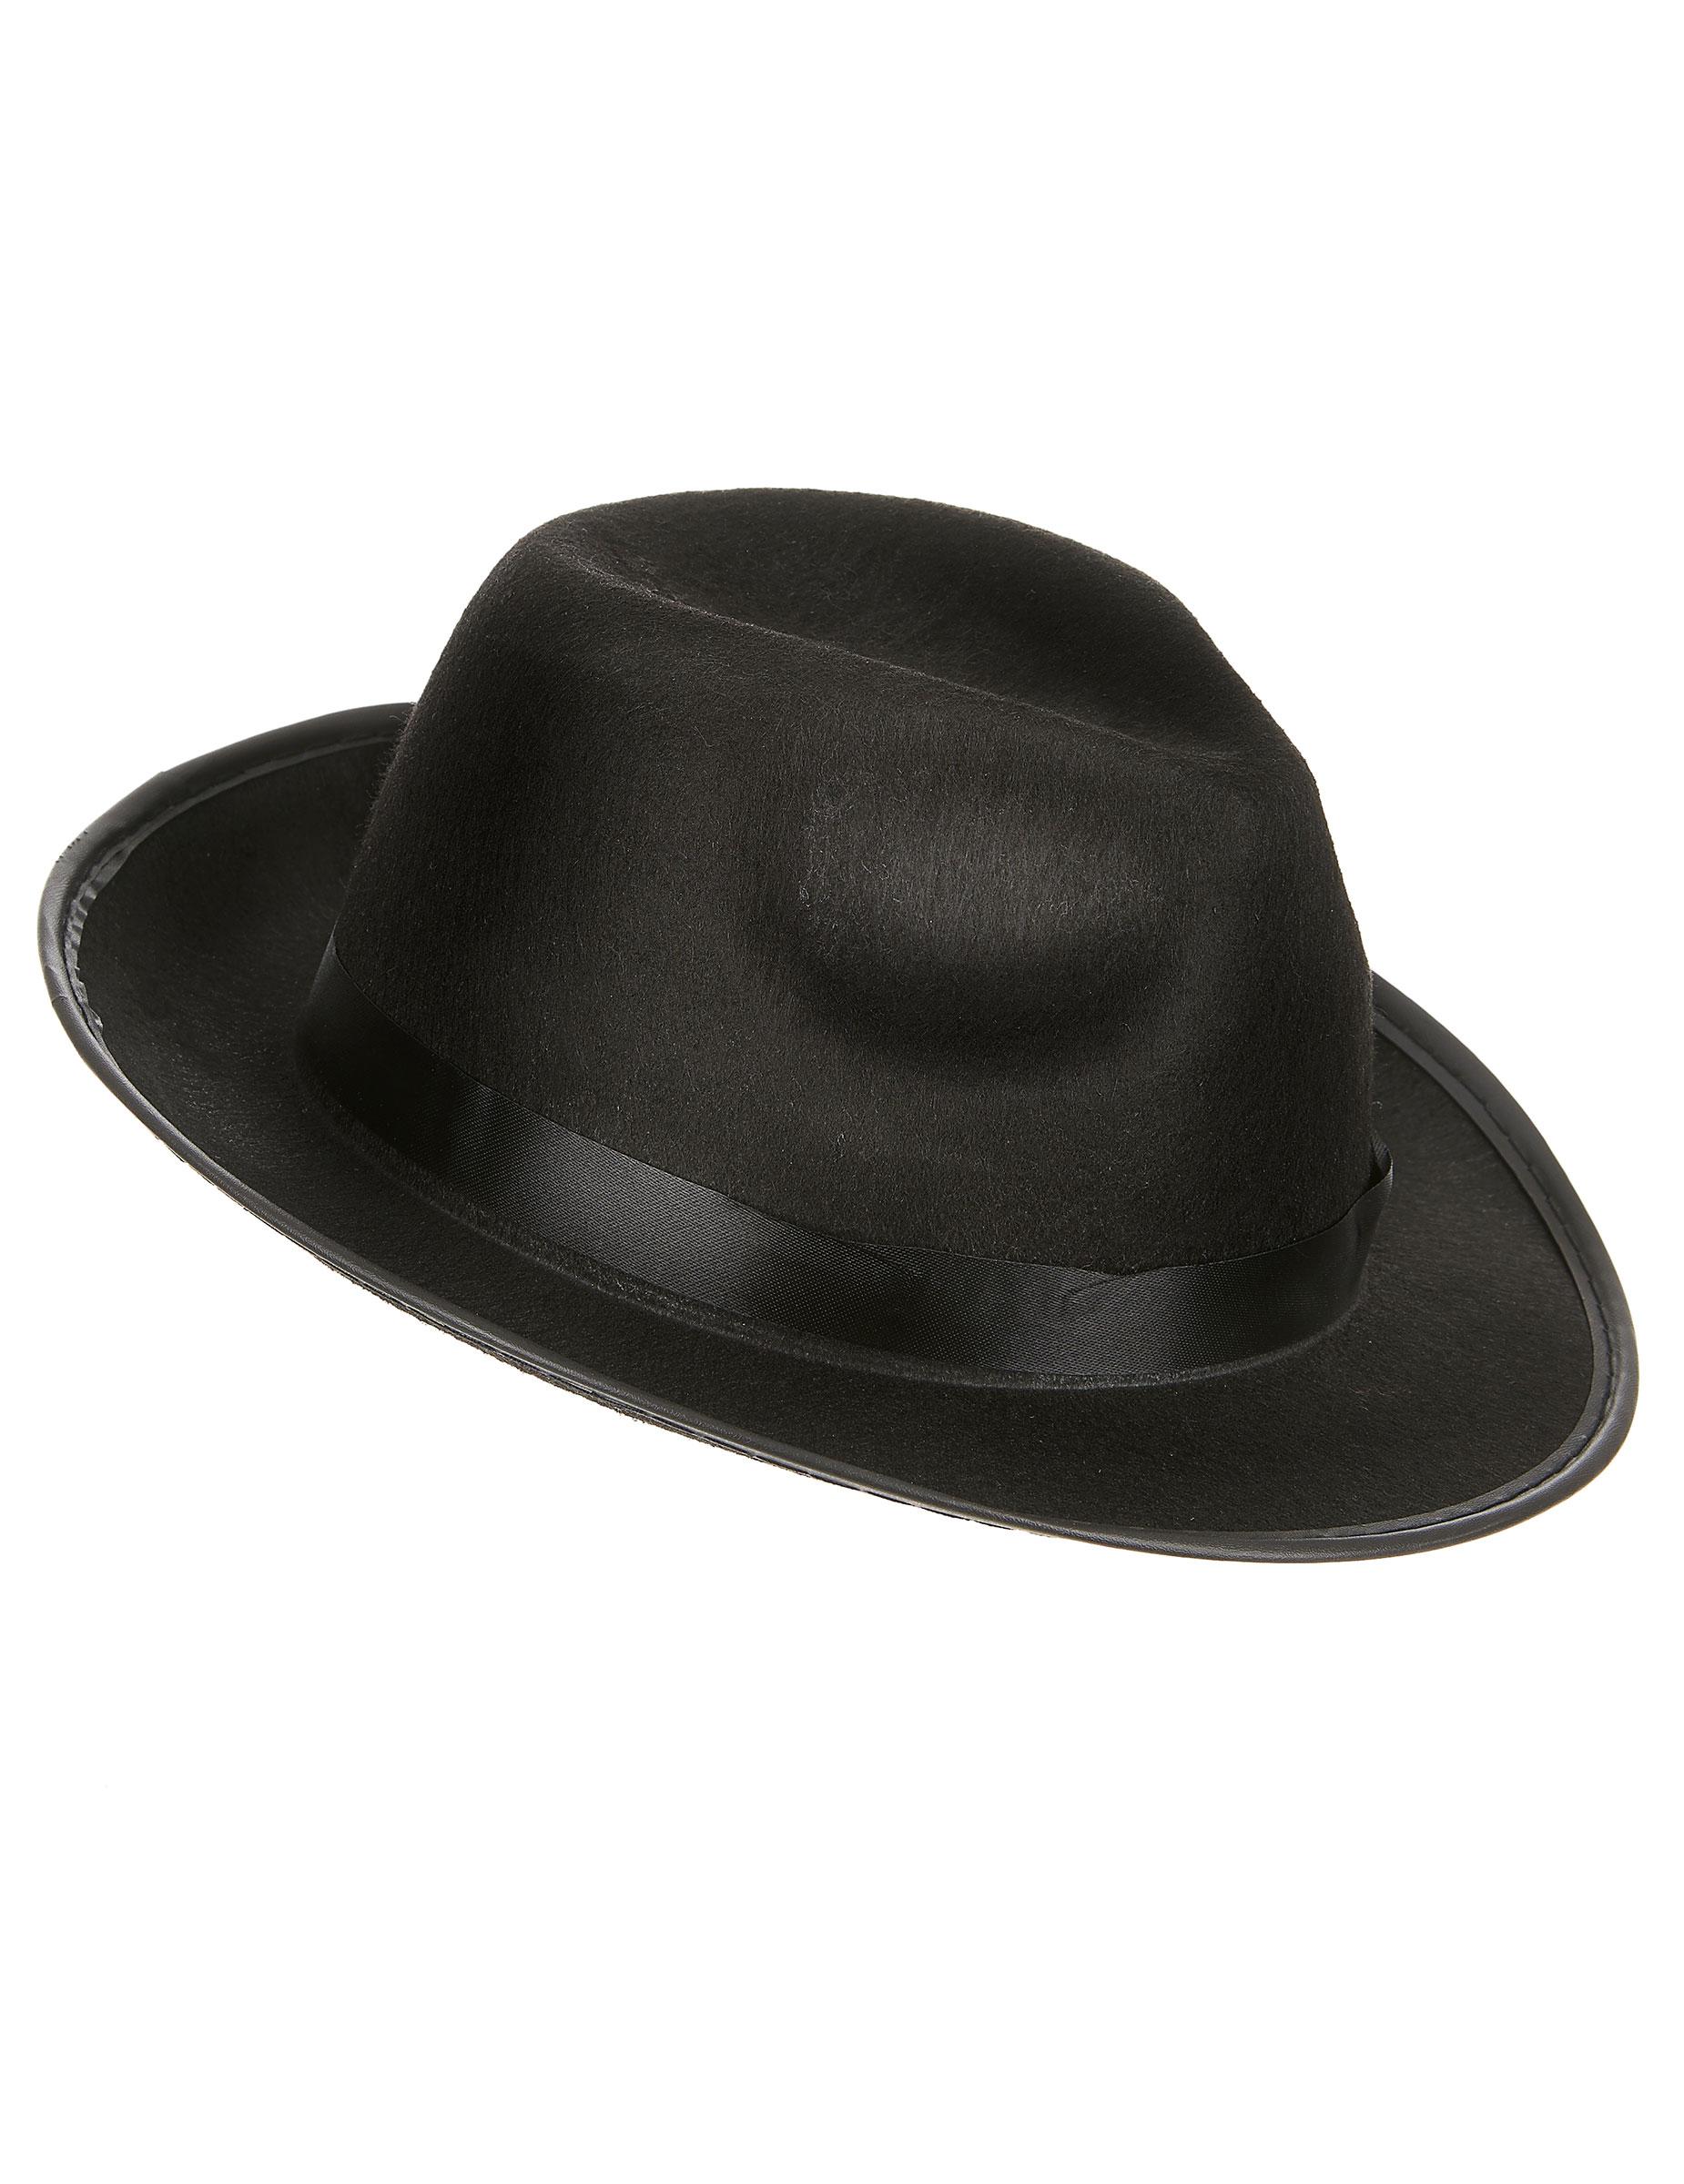 Sombrero Borsalino para adulto  Sombreros cf096e0cbb7